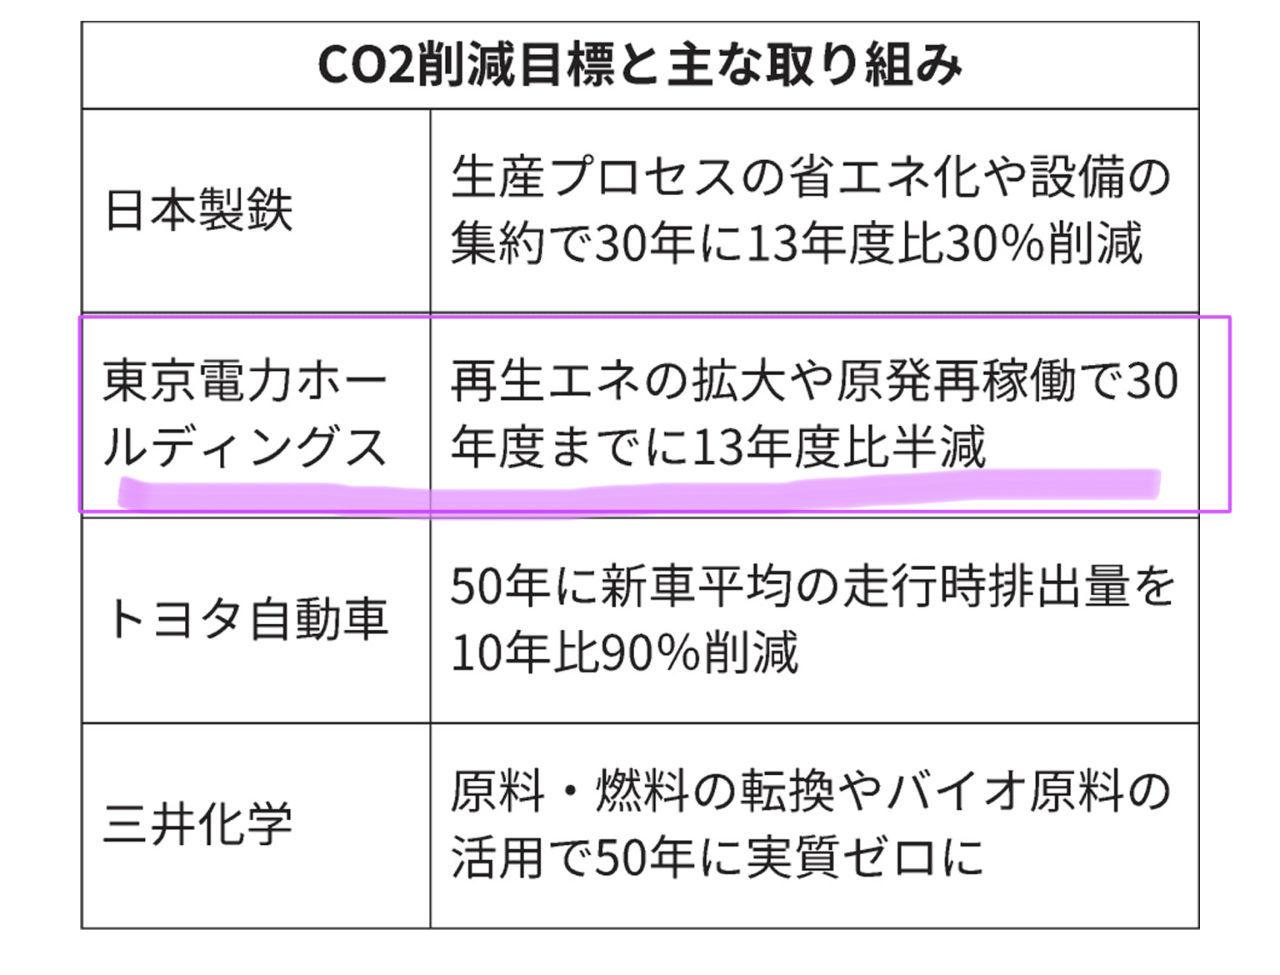 くるみぱん3 電力  脱炭素「産業革新」迫る 電源構成の組み替え必須に:日本経済新聞 https://www.ni